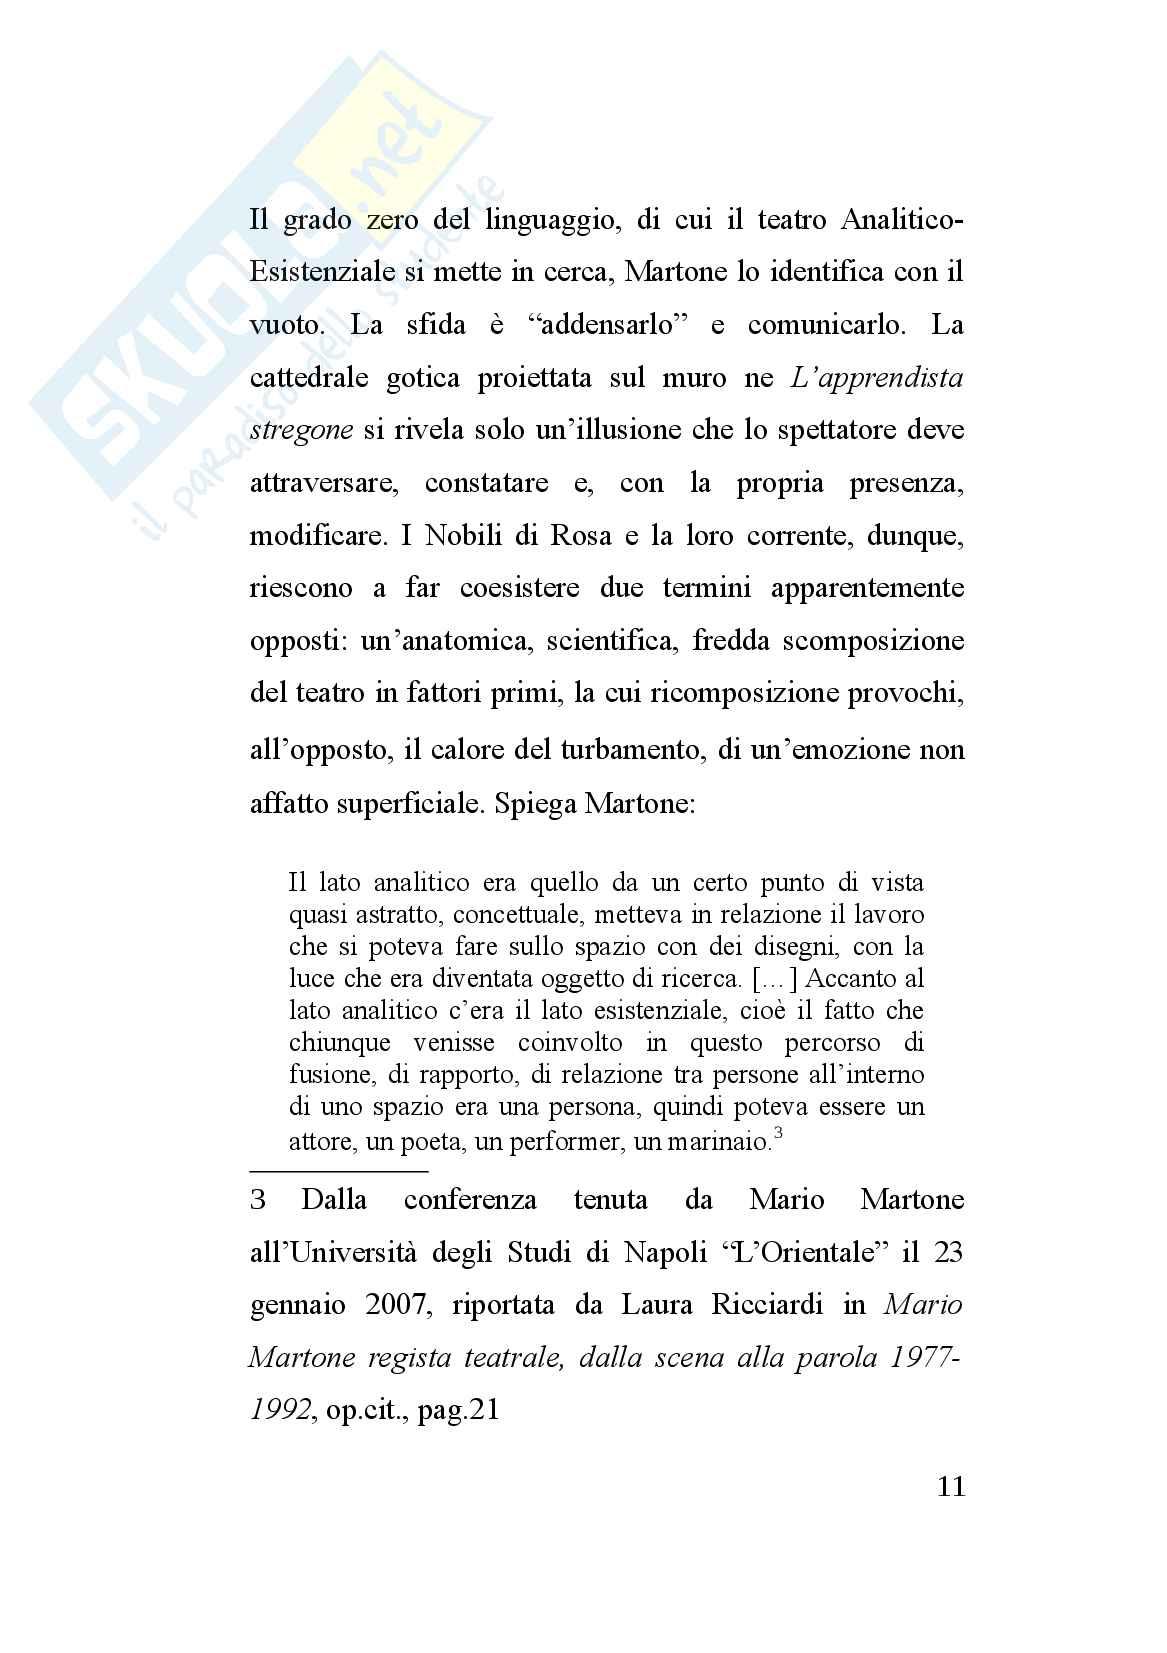 Tesi sulla storia del teatro contemporaneo: Mario Martone e la sua opera Carmen (2015) Pag. 11